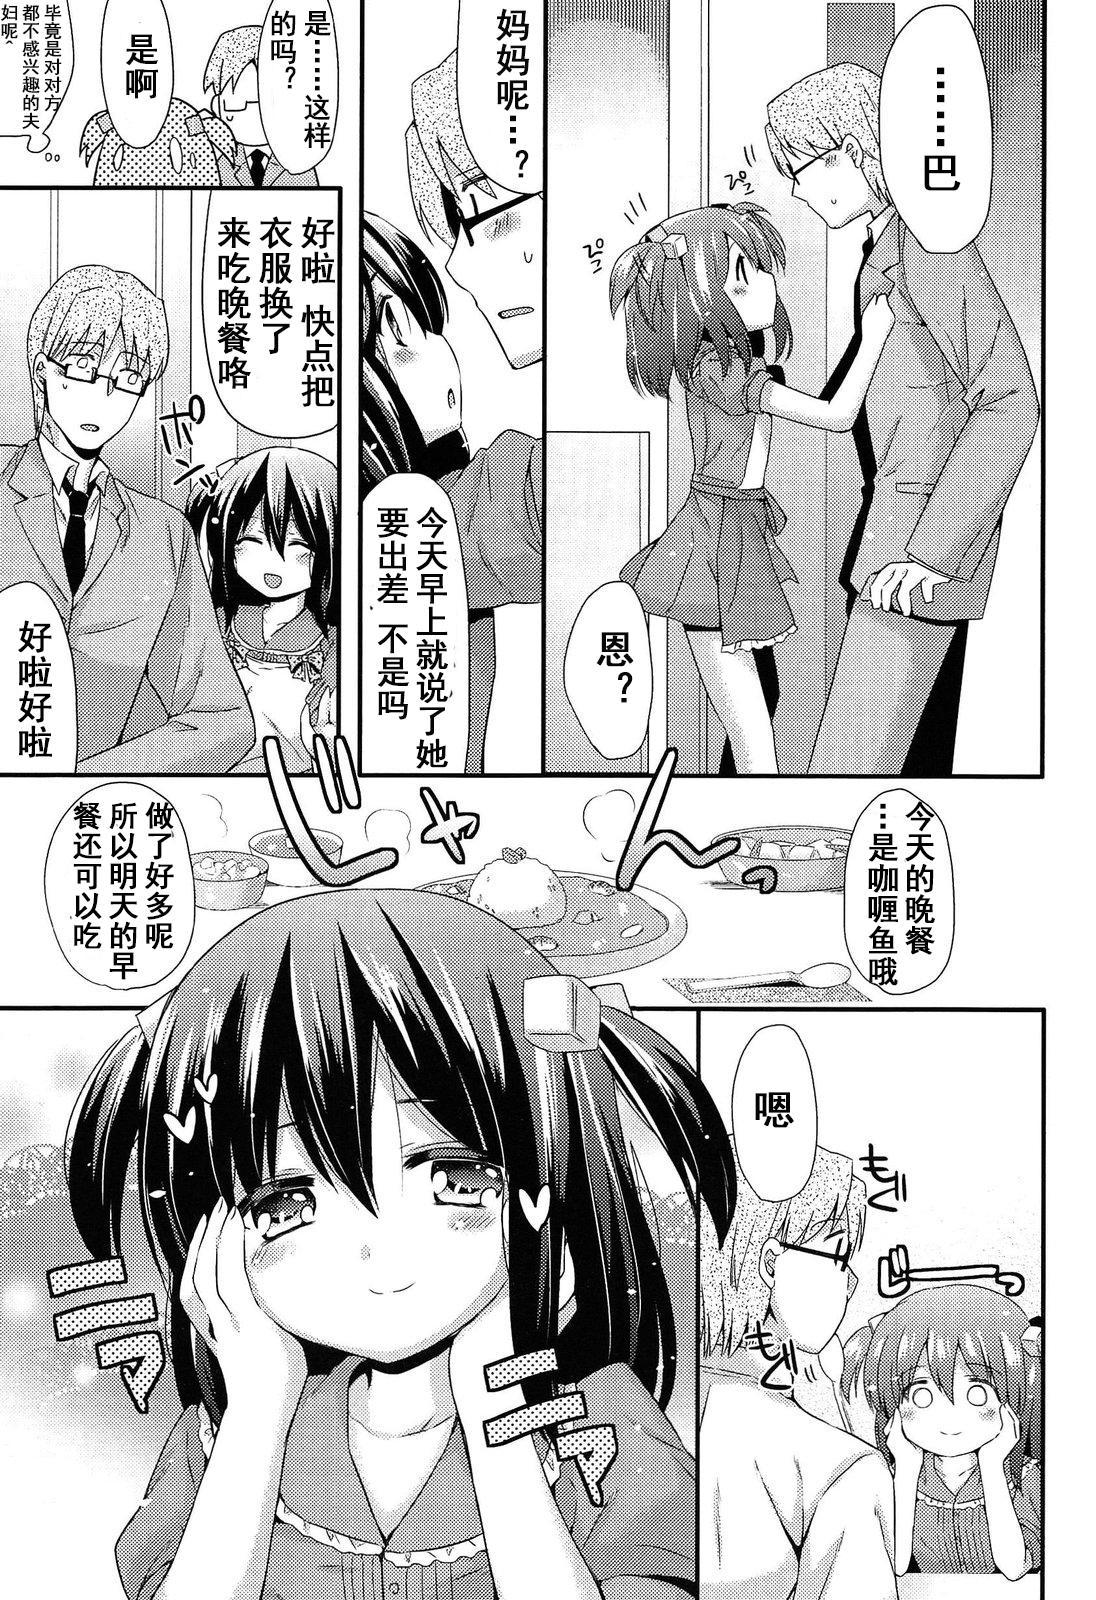 Futsuu no Oyako Ren'ai | 普通的父女恋愛 3